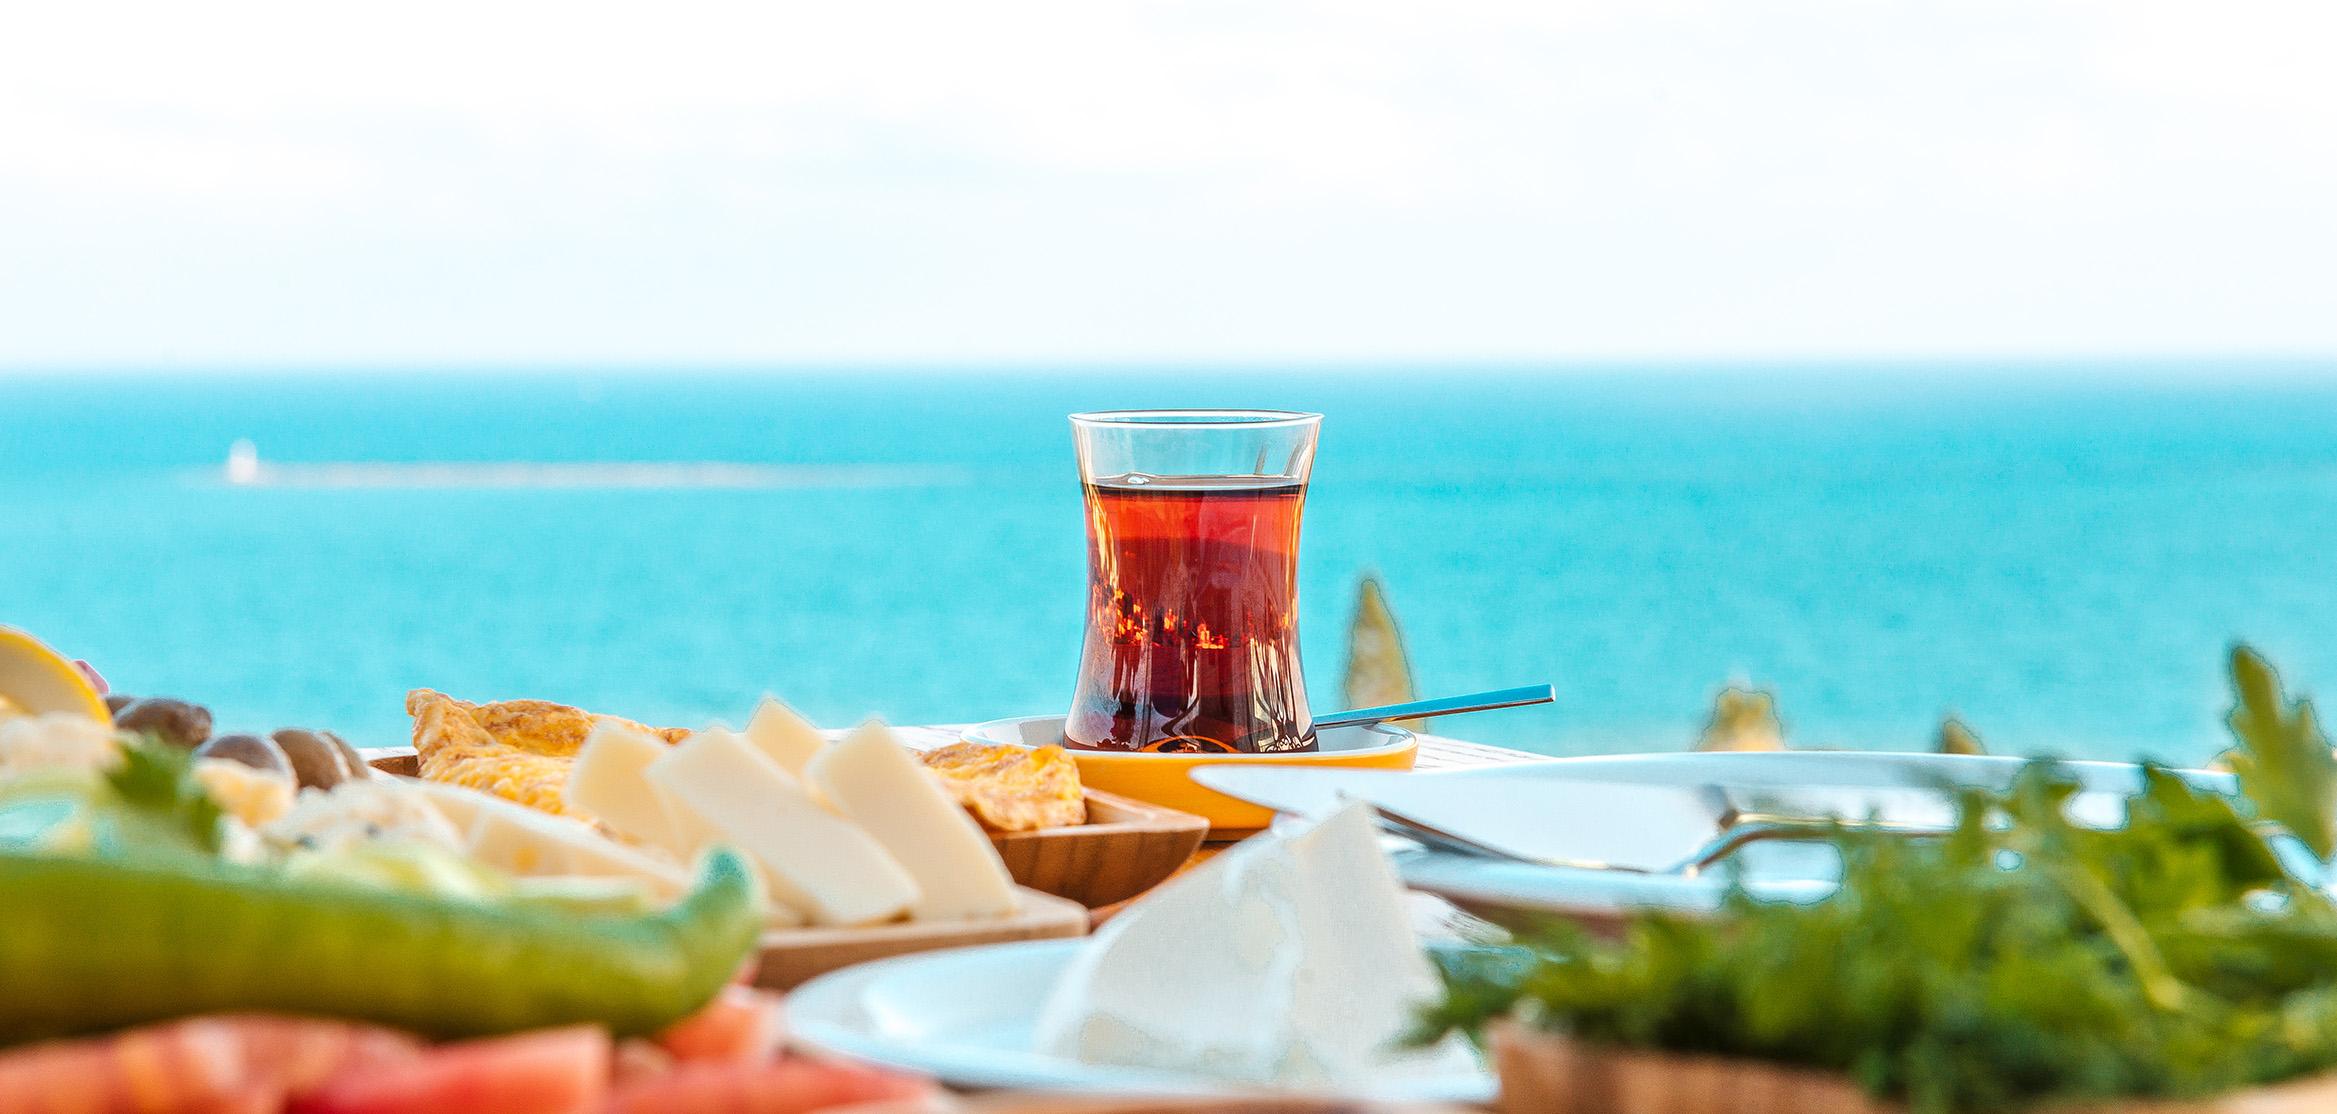 Turkish Tea at Breakfast Table